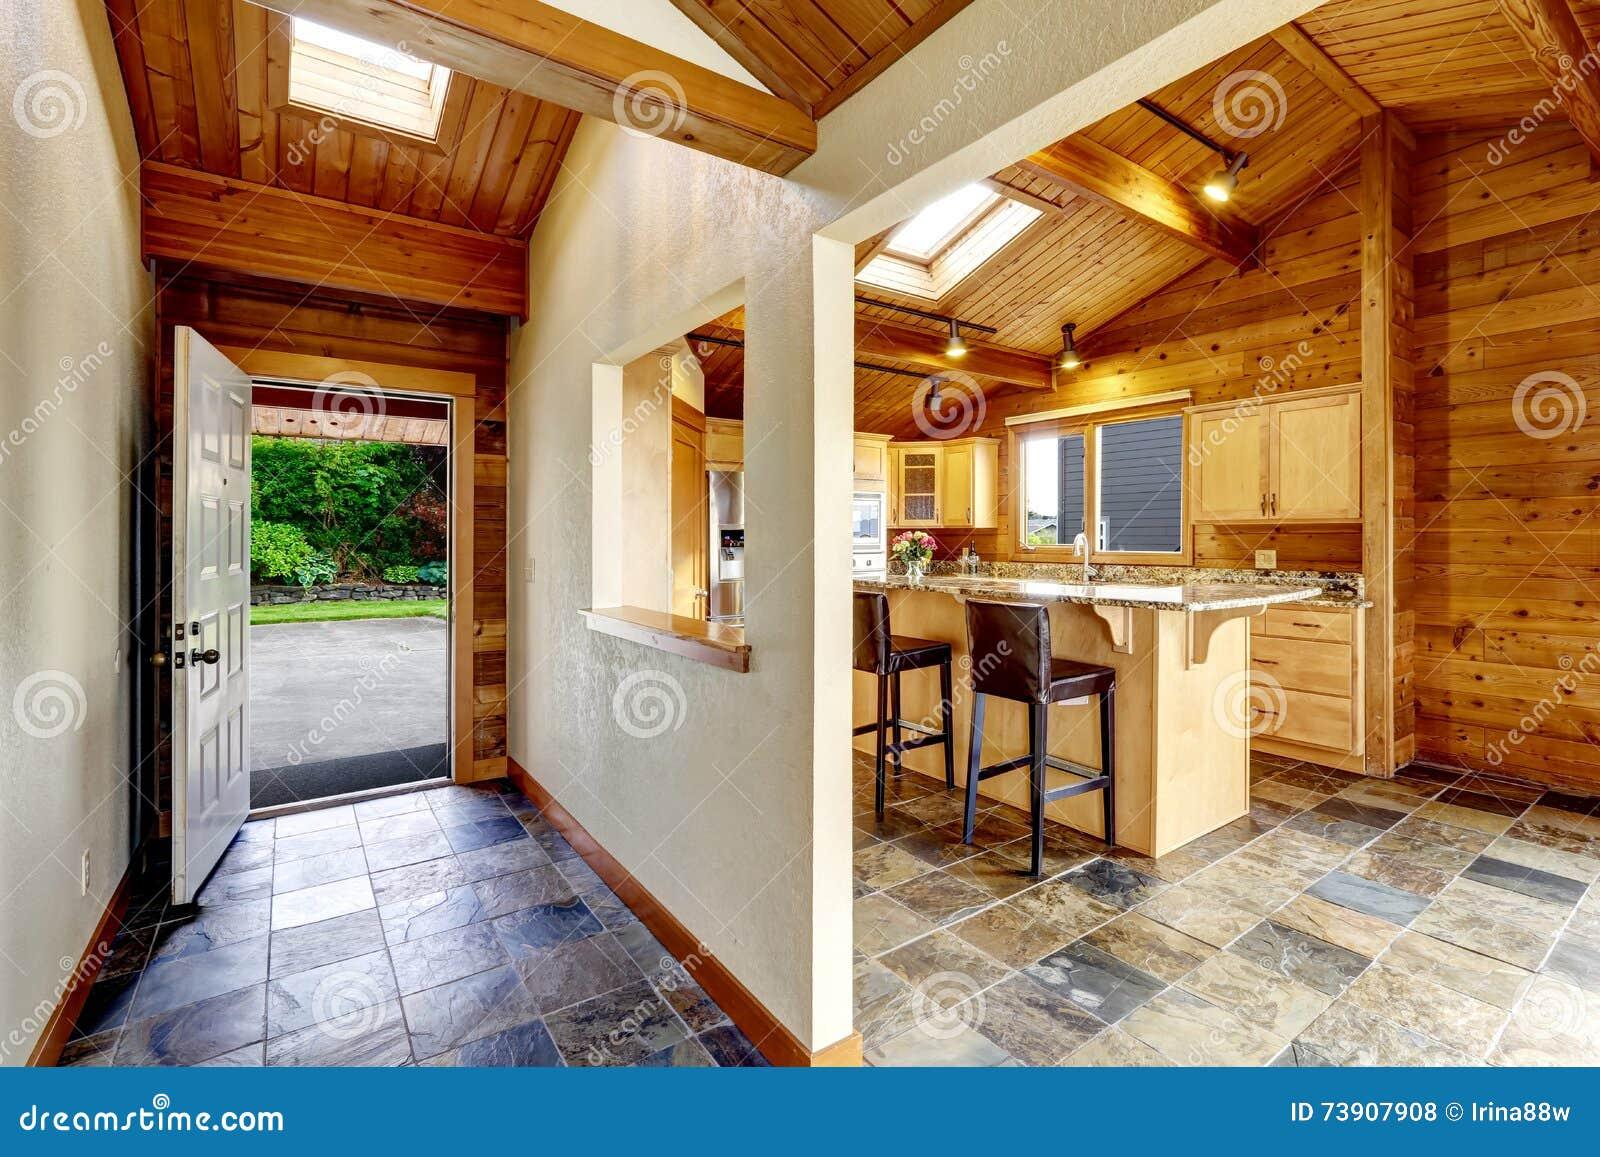 Vest bulo con la puerta abierta vista al patio trasero - Cocinas con salida al patio ...